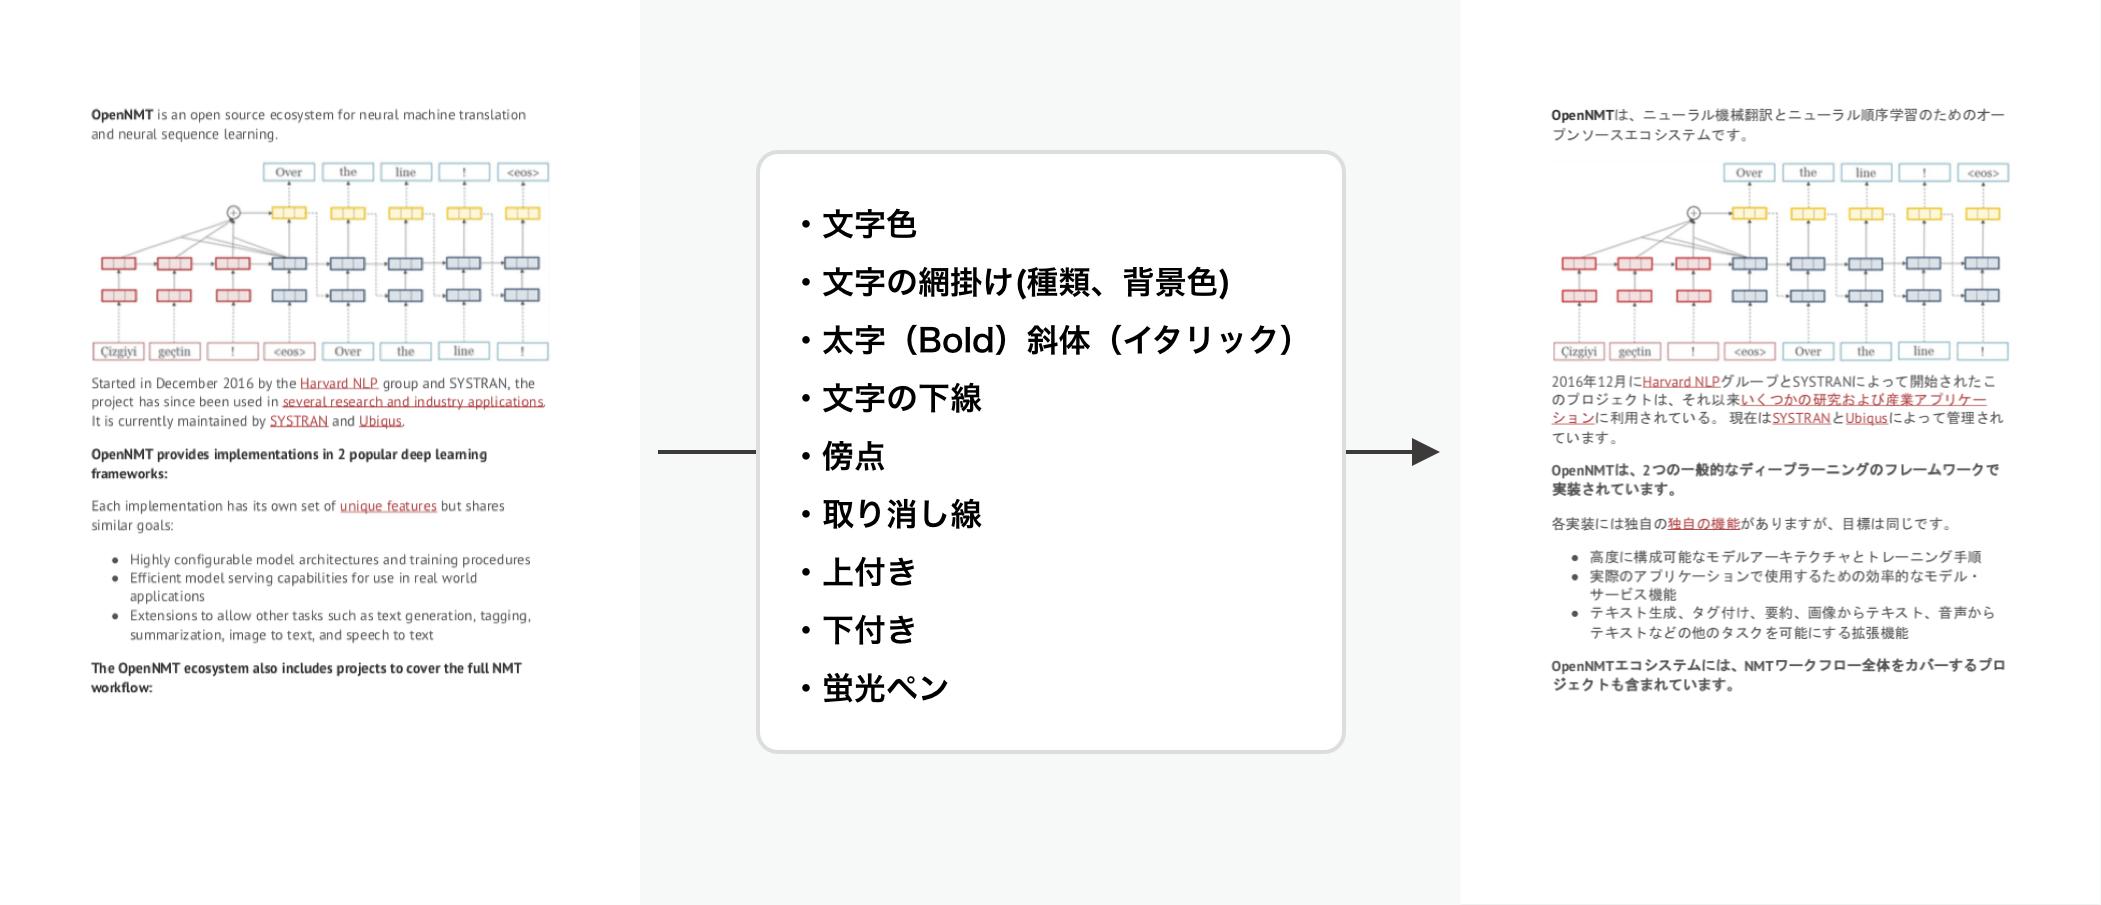 ファイル翻訳は装飾やレイアウトも引き継ぎ可能